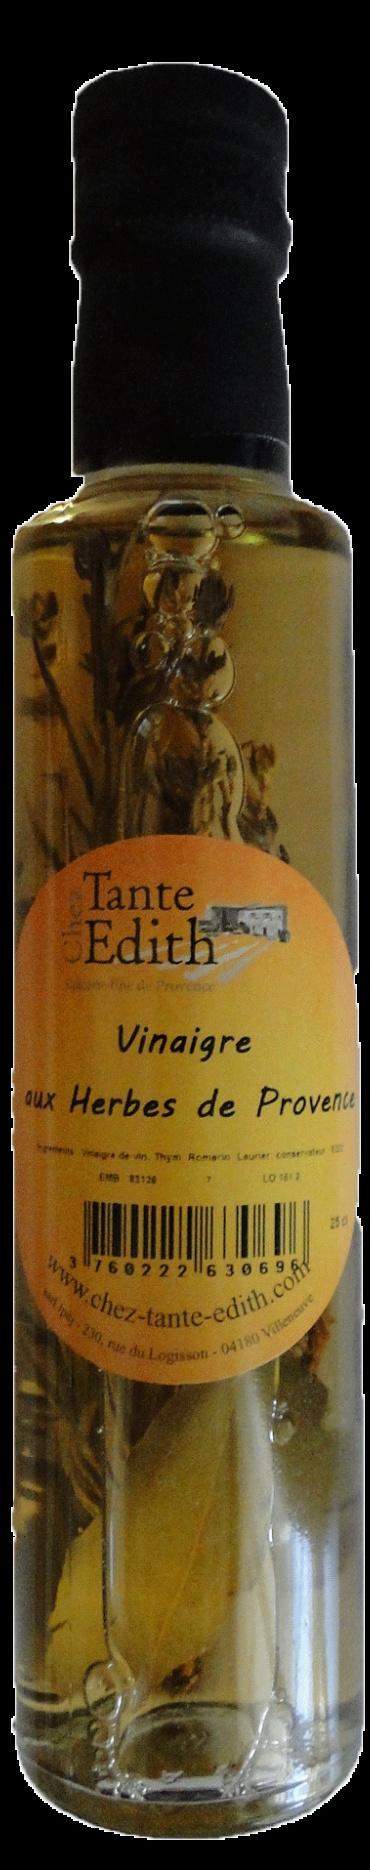 Vinaigre aux Herbes de Provence - Product - fr